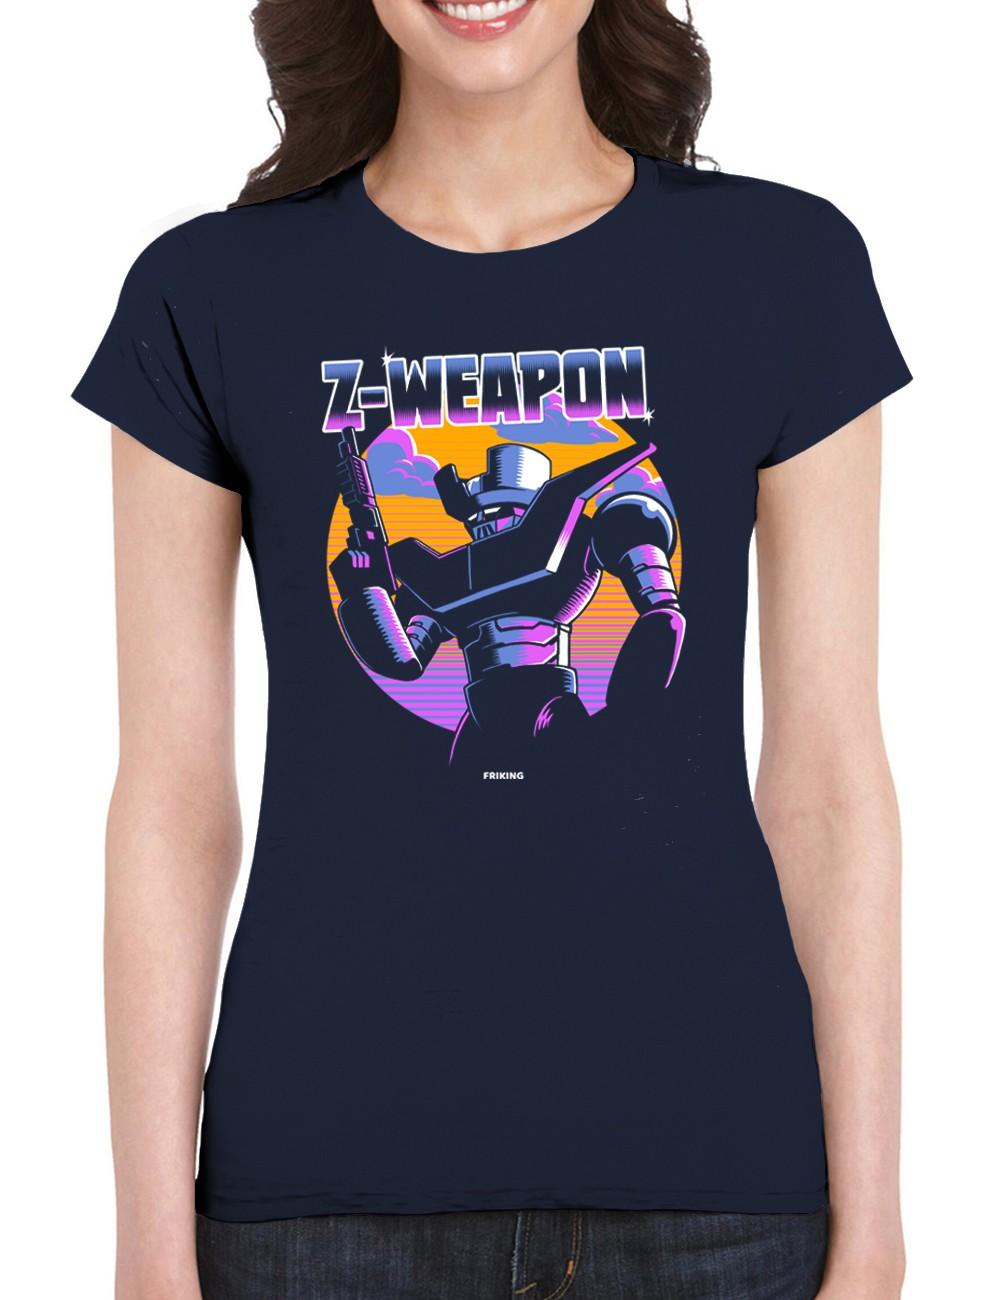 Z-weapon